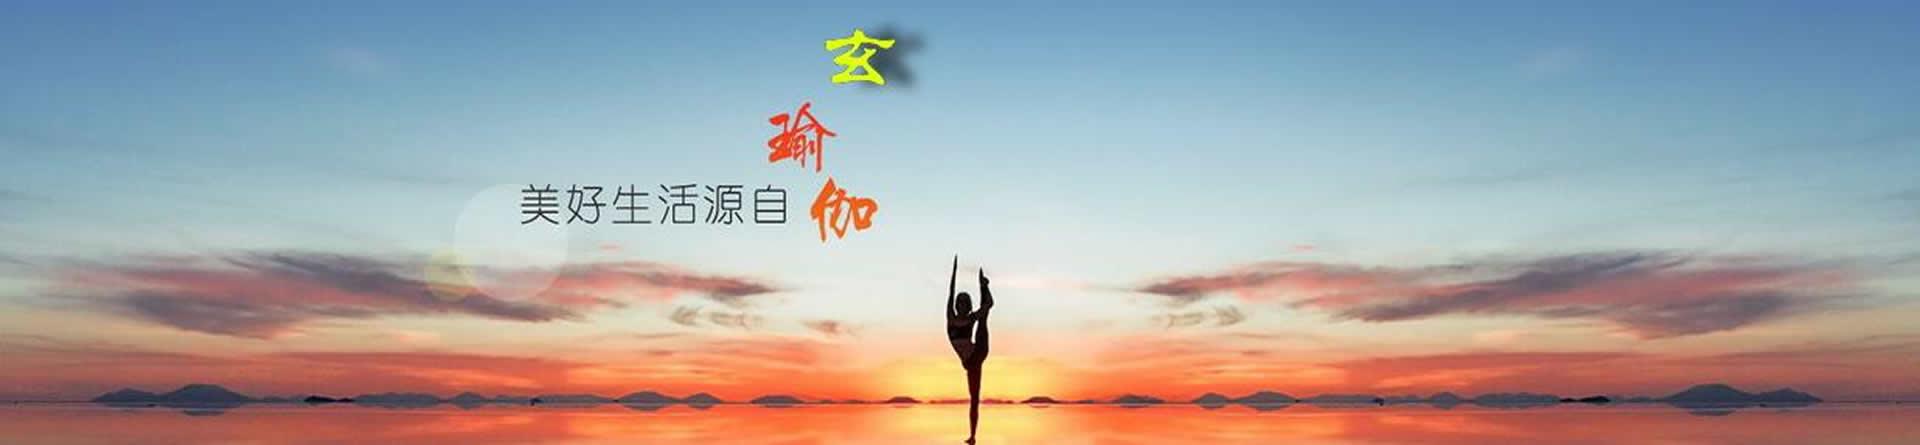 郑州玄瑜伽教练培训中心